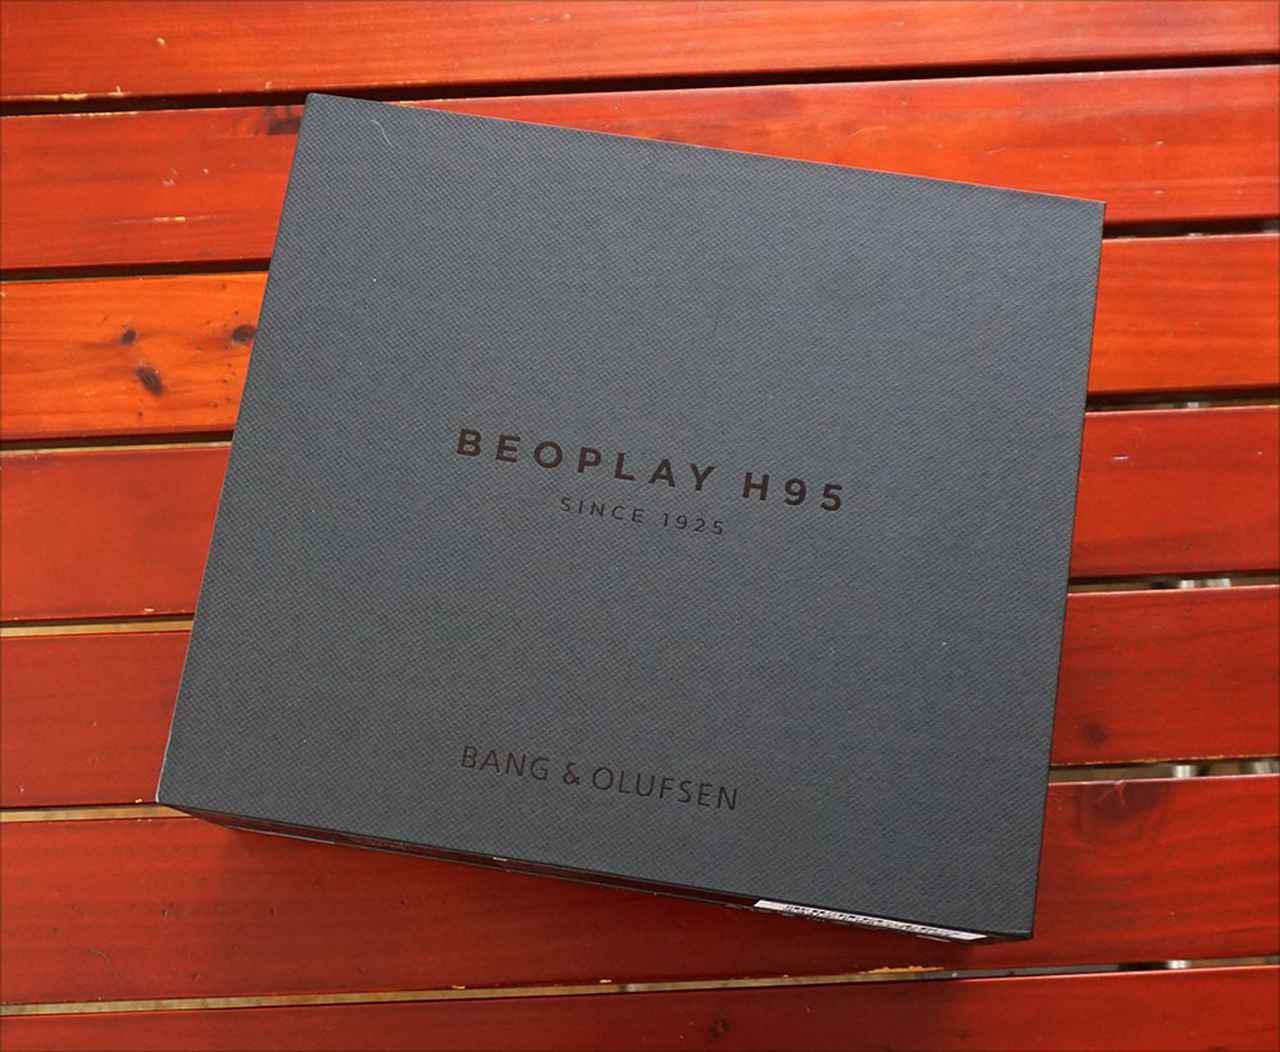 画像: Bang & Olufsenのワイヤレスヘッドホン「Beoplay H95」は、音楽をとてもクリーンに再現する。AACからハイレゾ、映画までいろいろなコンテンツを楽しんでみた